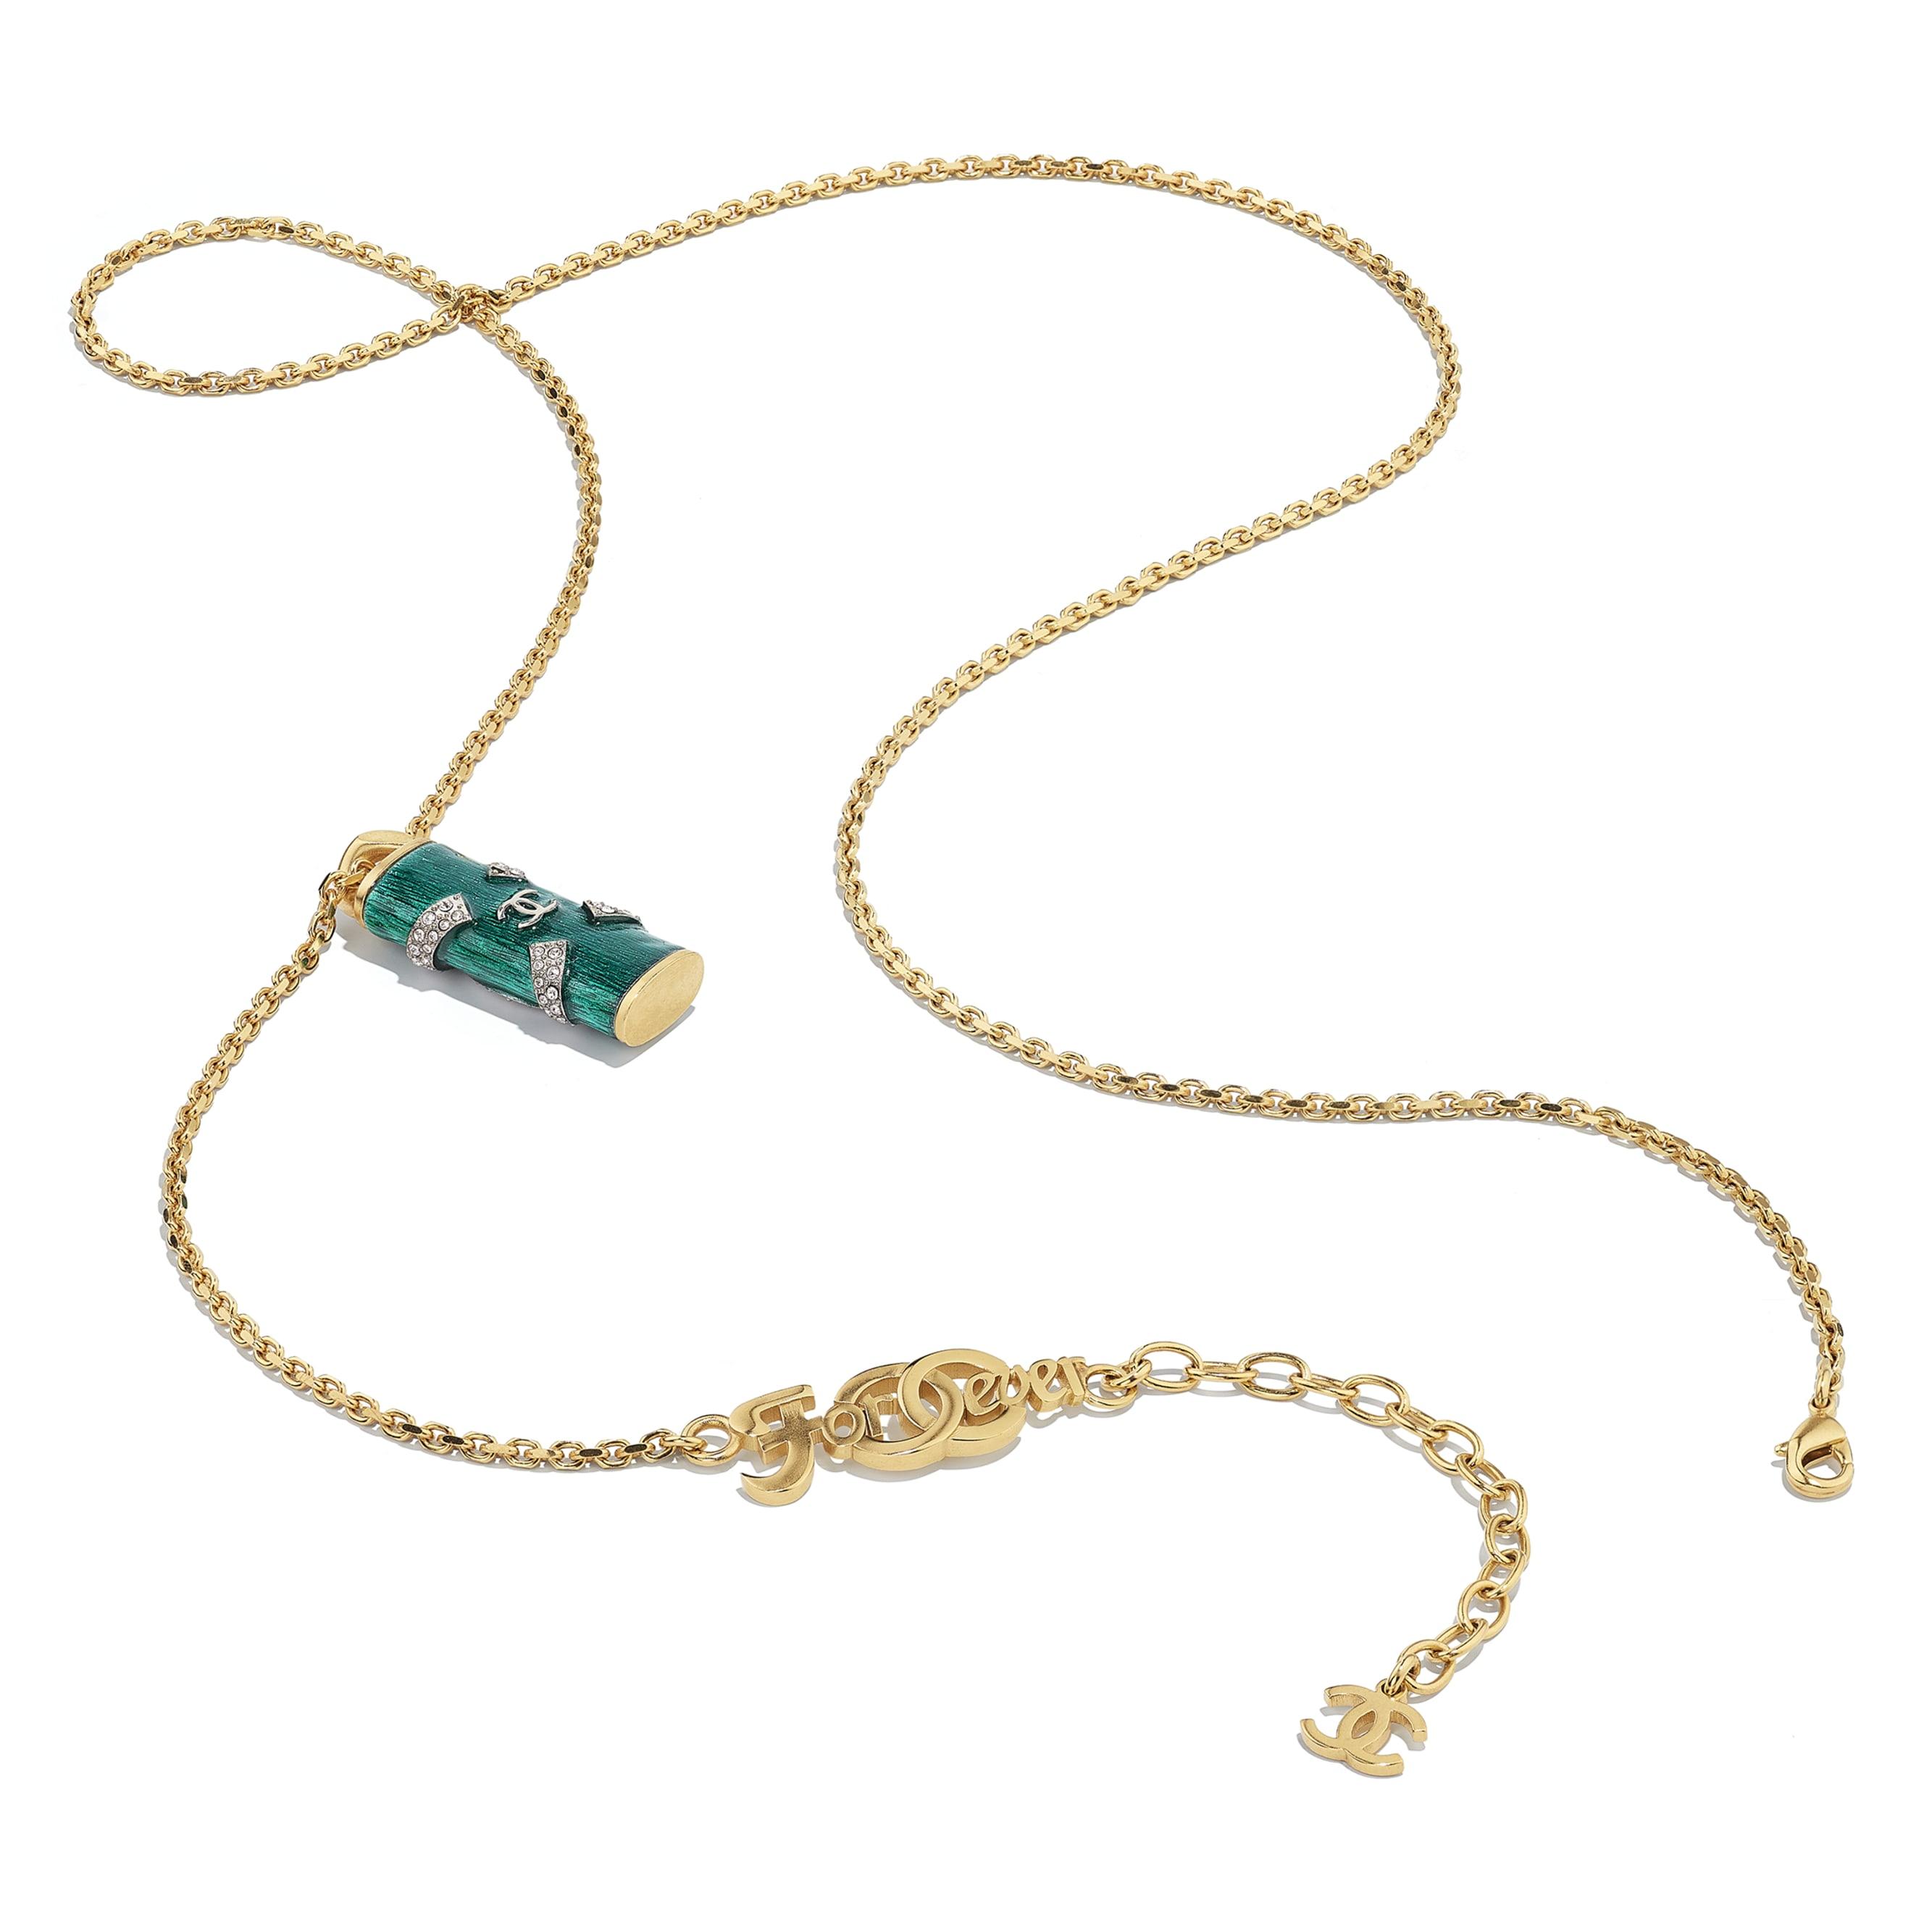 Collana - Oro, verde & cristallo - Metallo & strass - CHANEL - Immagine diversa - vedere versione standard